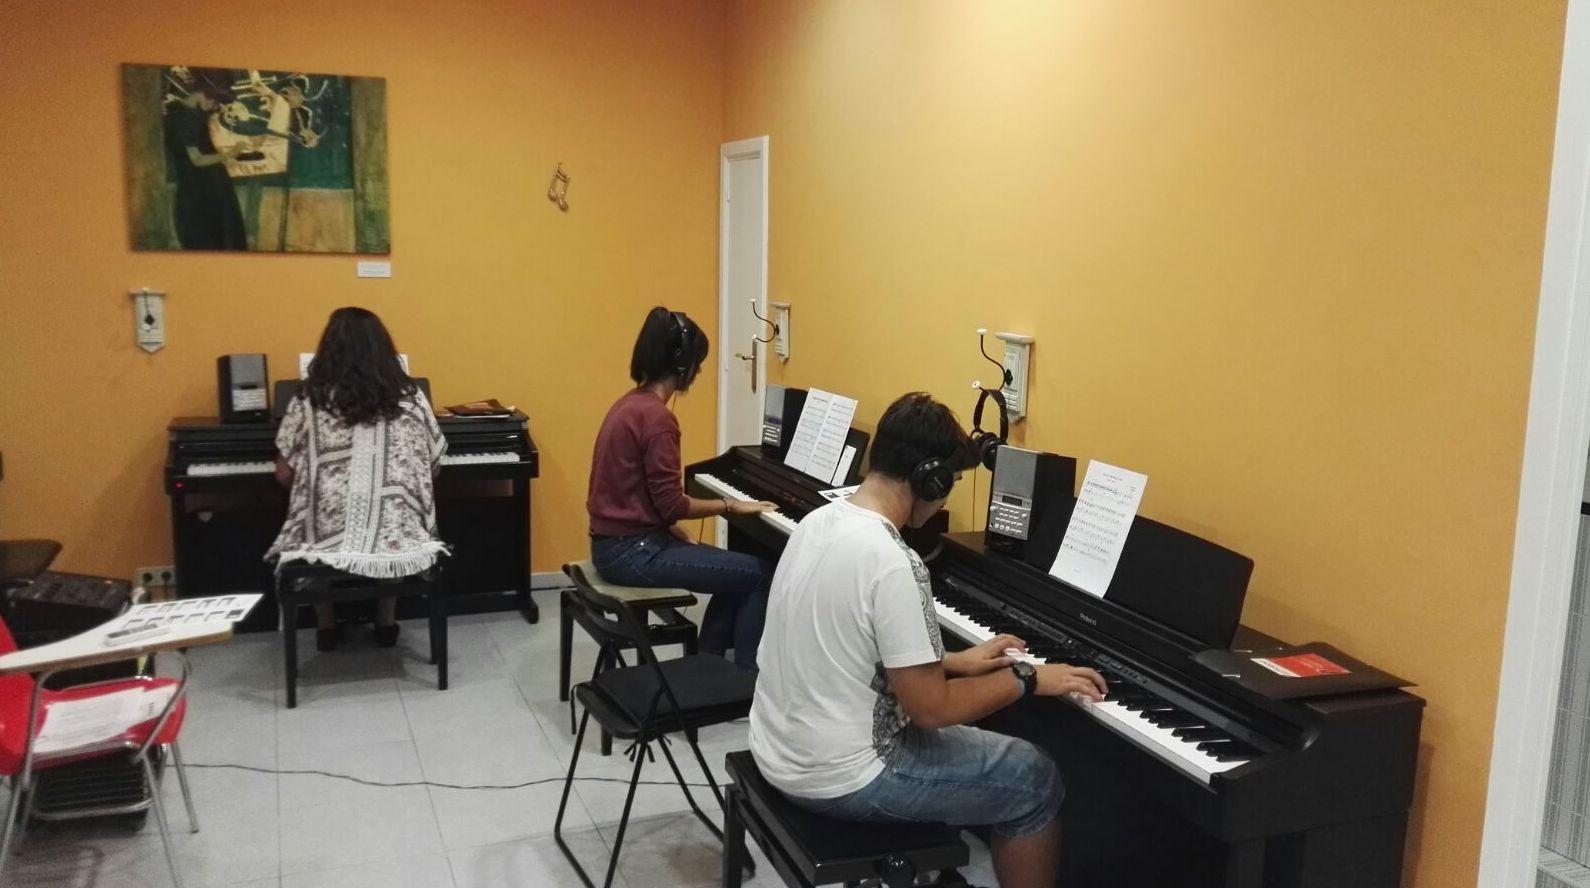 Foto 7 de Escuelas de música, danza e interpretación en Mungia | Academia de Guitarra y Piano Roland